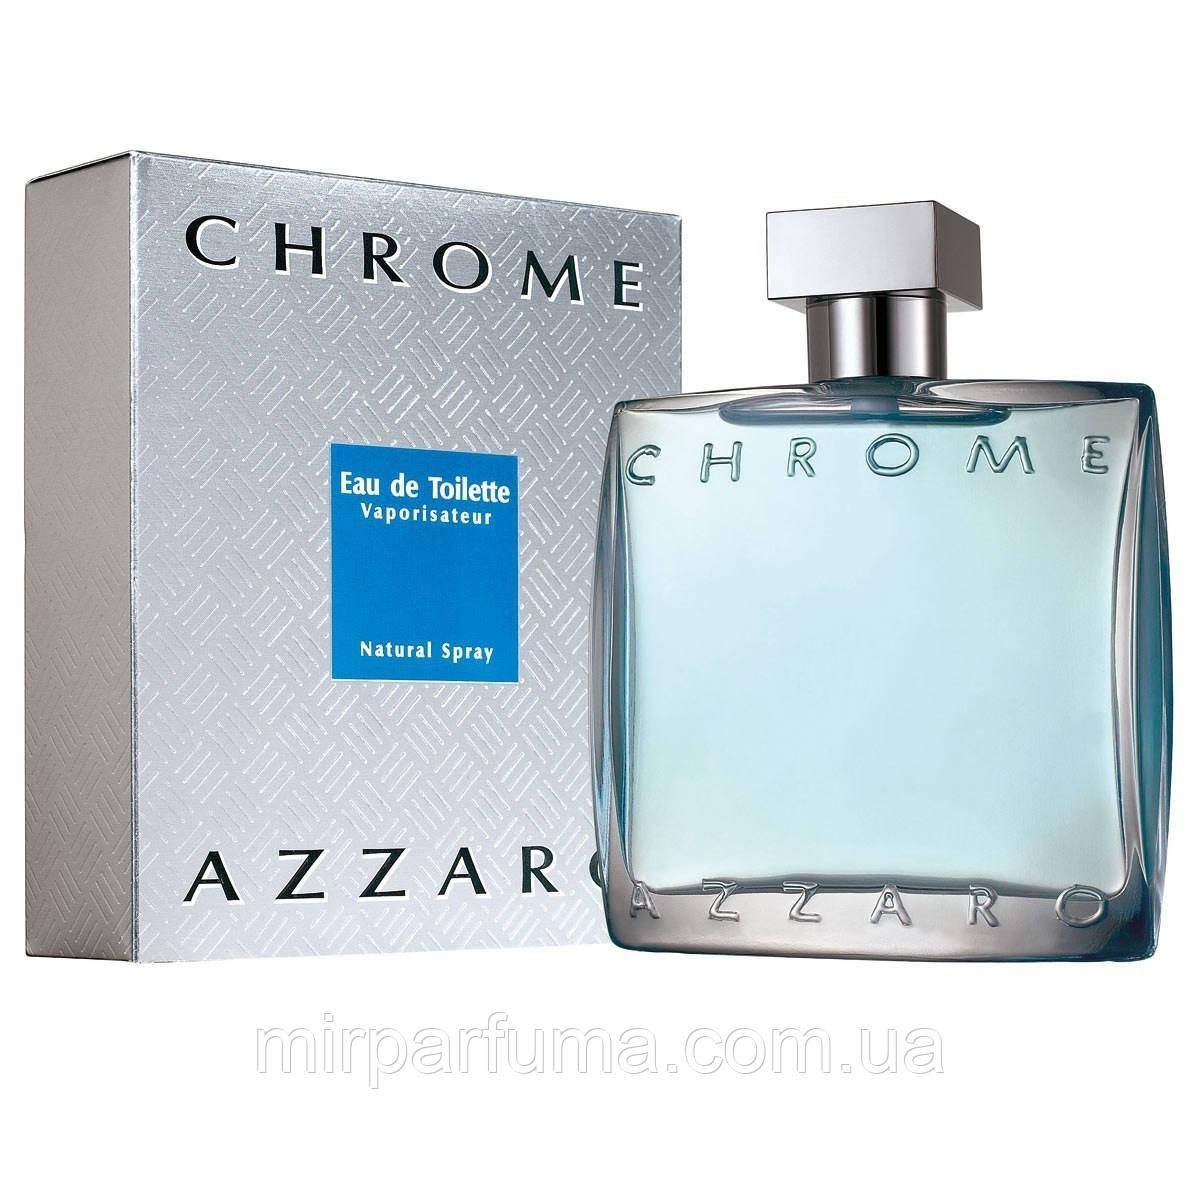 Мужская туалетная вода Azzaro Chrome 100ml